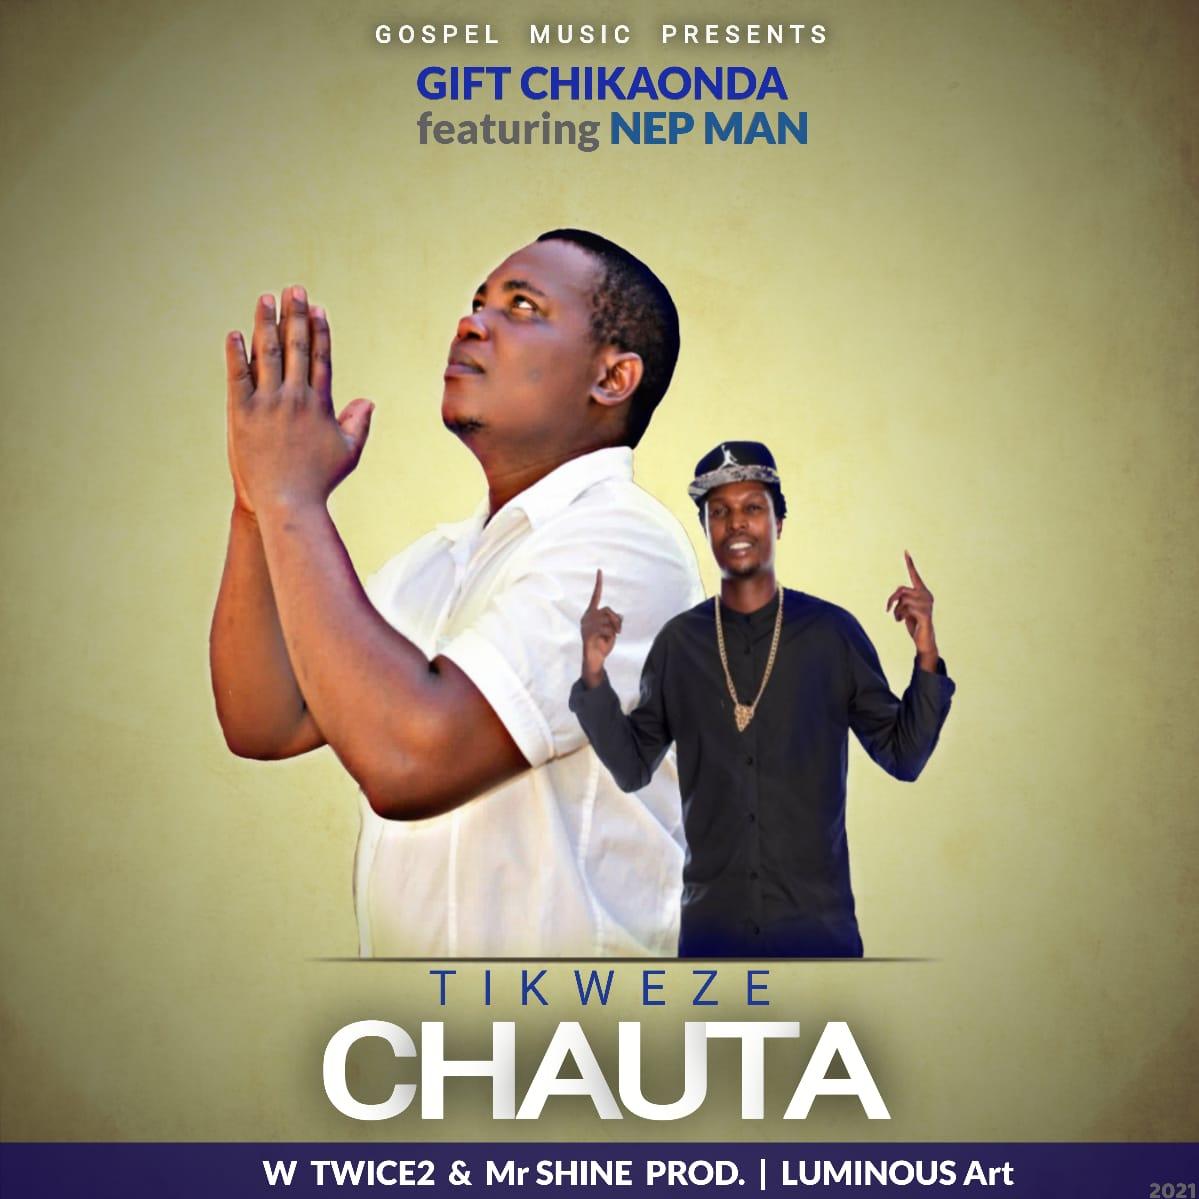 Gift-Chikaonda-Tikweze-Chauta-Ft-Nepman